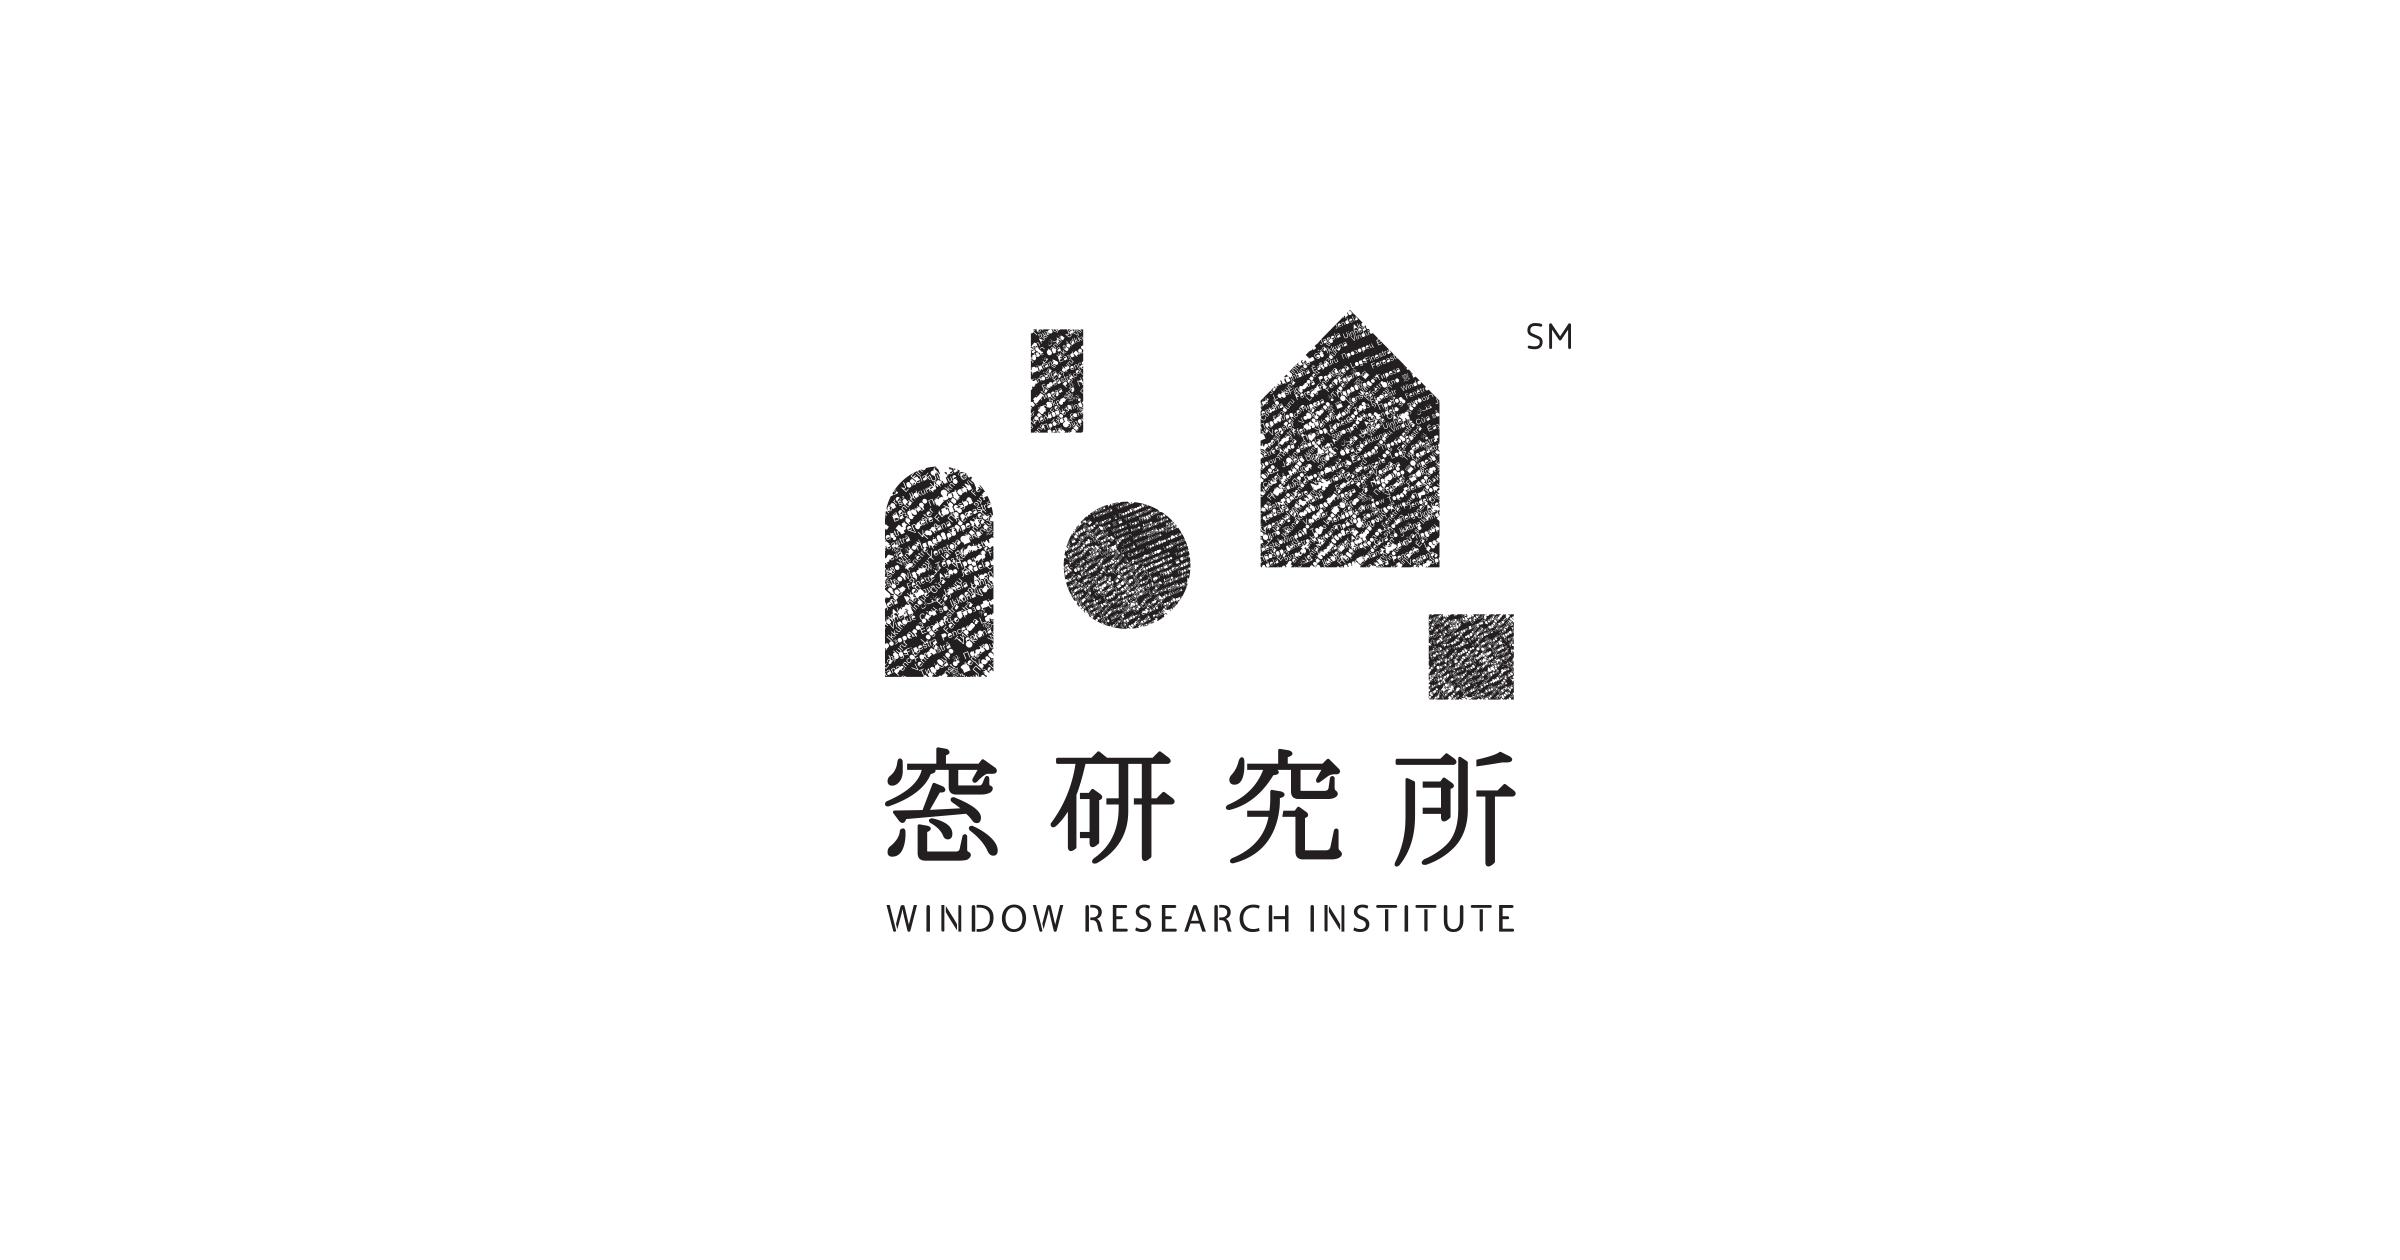 Ykk Ap株式会社 窓研究所 の公式サイト 窓は文明であり 文化である の思想のもと 世界中の建築 アート カルチャーから 窓の知見を収集保存し 現代の高品質な価値を提案する あたらしいウェブマガジンです 建築 ロゴ ロゴデザイン ロゴタイプ